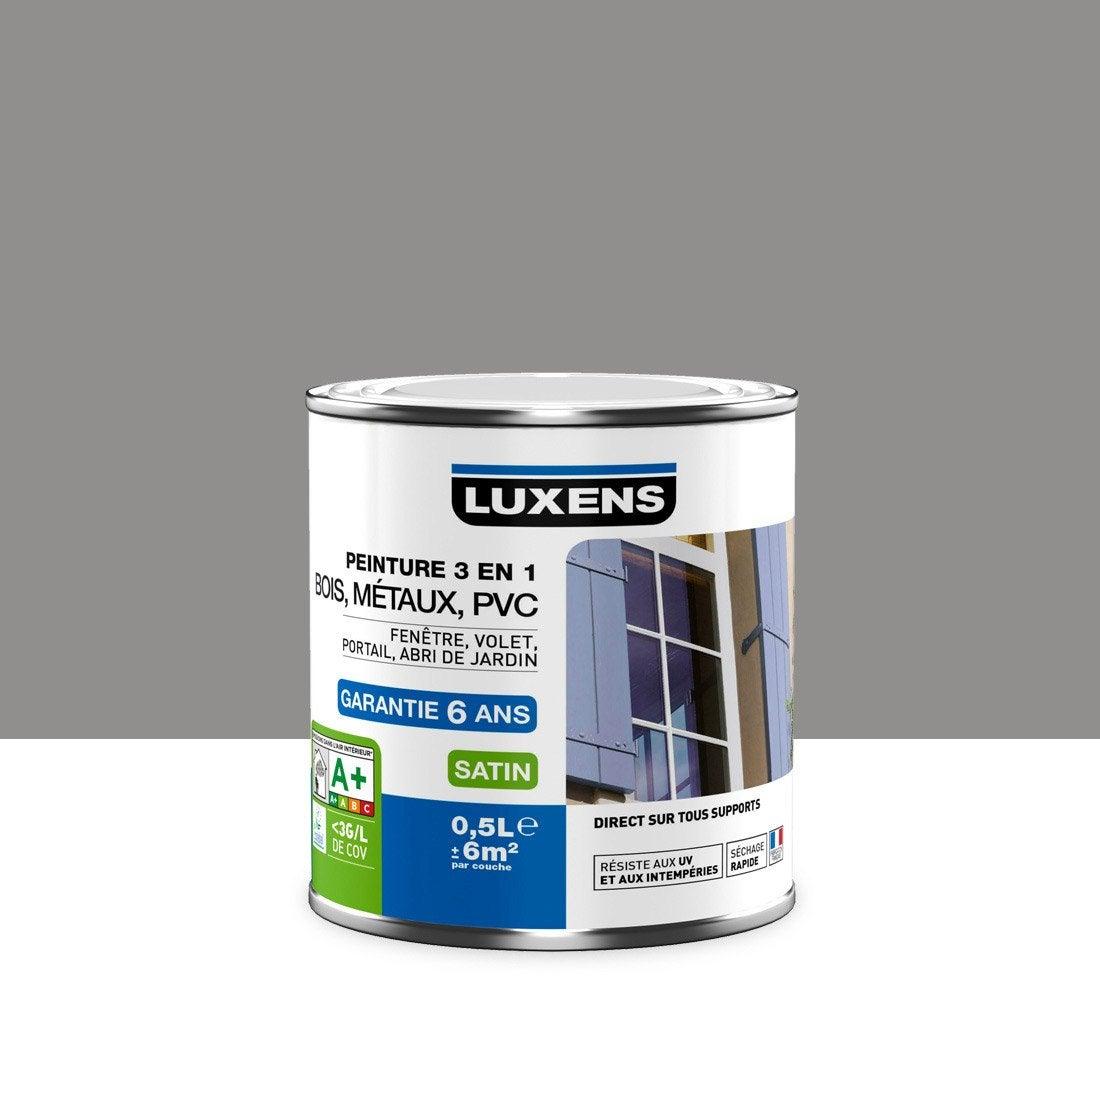 1 5 Multimatériau LuxensGris L Extérieur Peinture 3 Galet En N°30 SUzVMp